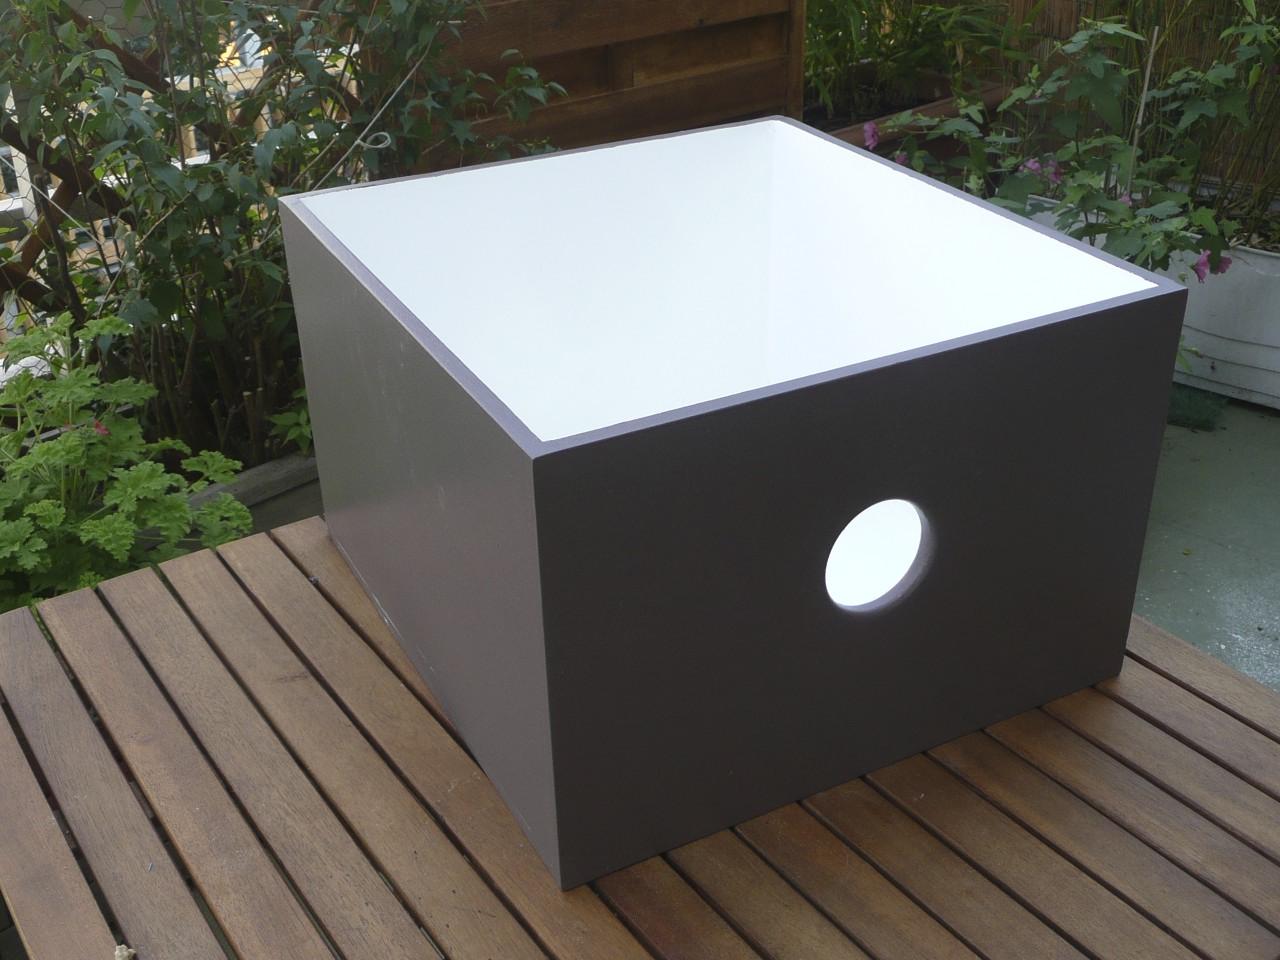 Quand je serai grande je veux fabriquer un meuble de for Fabriquer meuble mdf